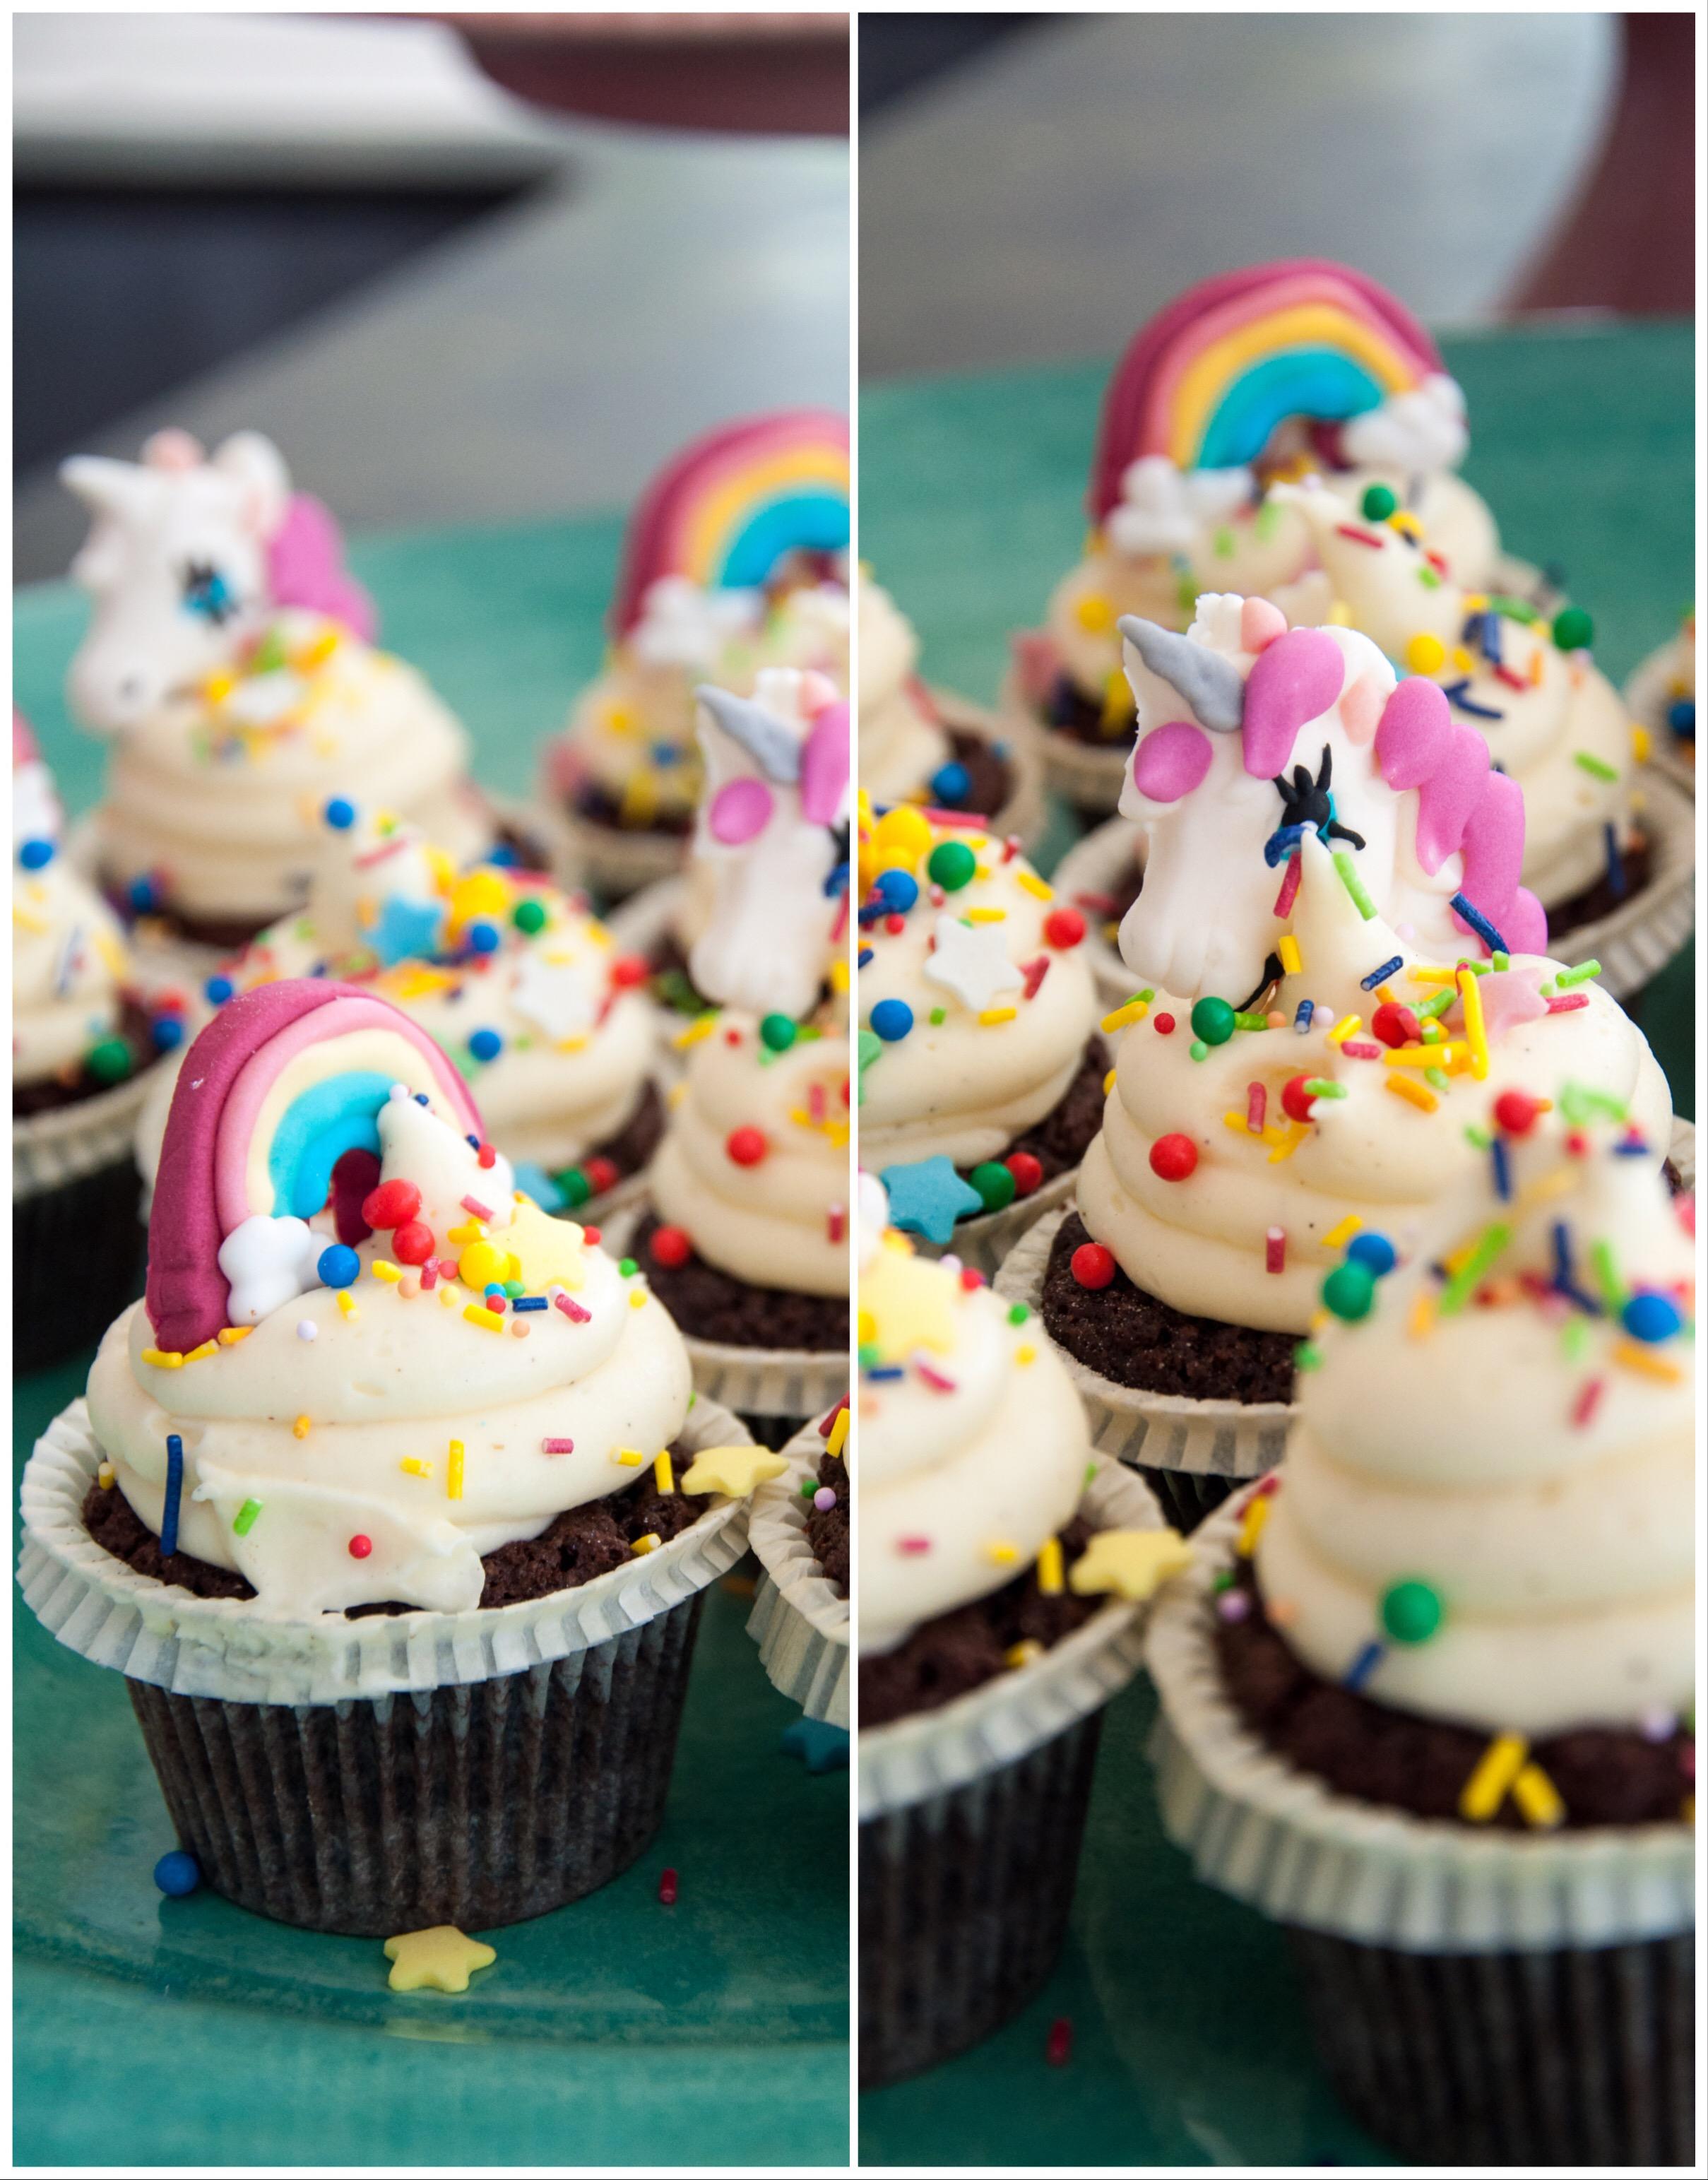 Supersöta tårtdekorationer i form av enhörningar och regnbågar. Perfekt att dekorera bakverken med, antingen tårtan eller cupcakes.